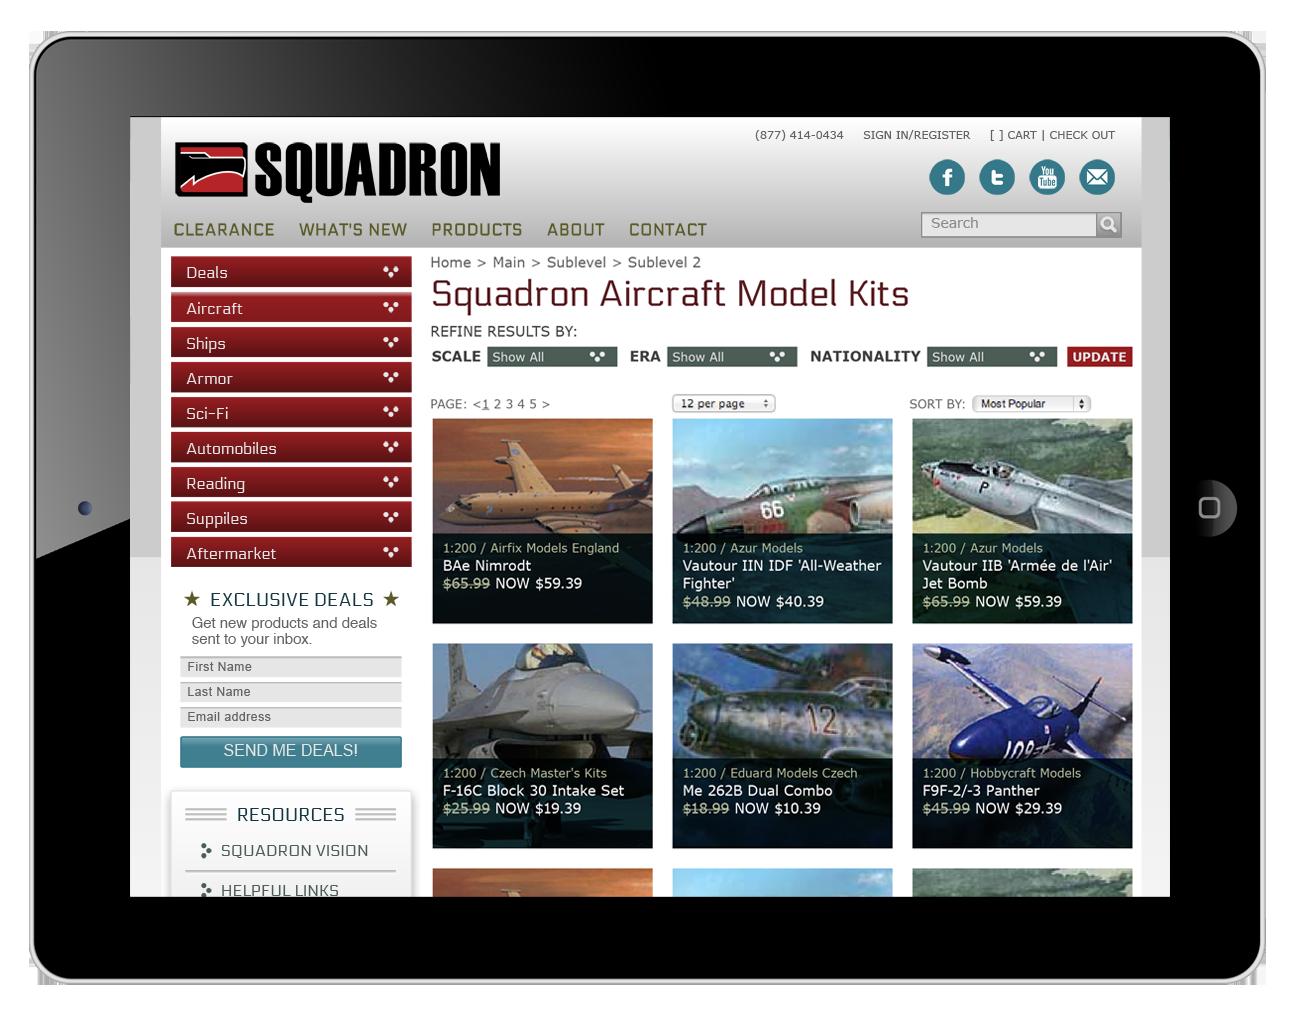 Squadron.com Website